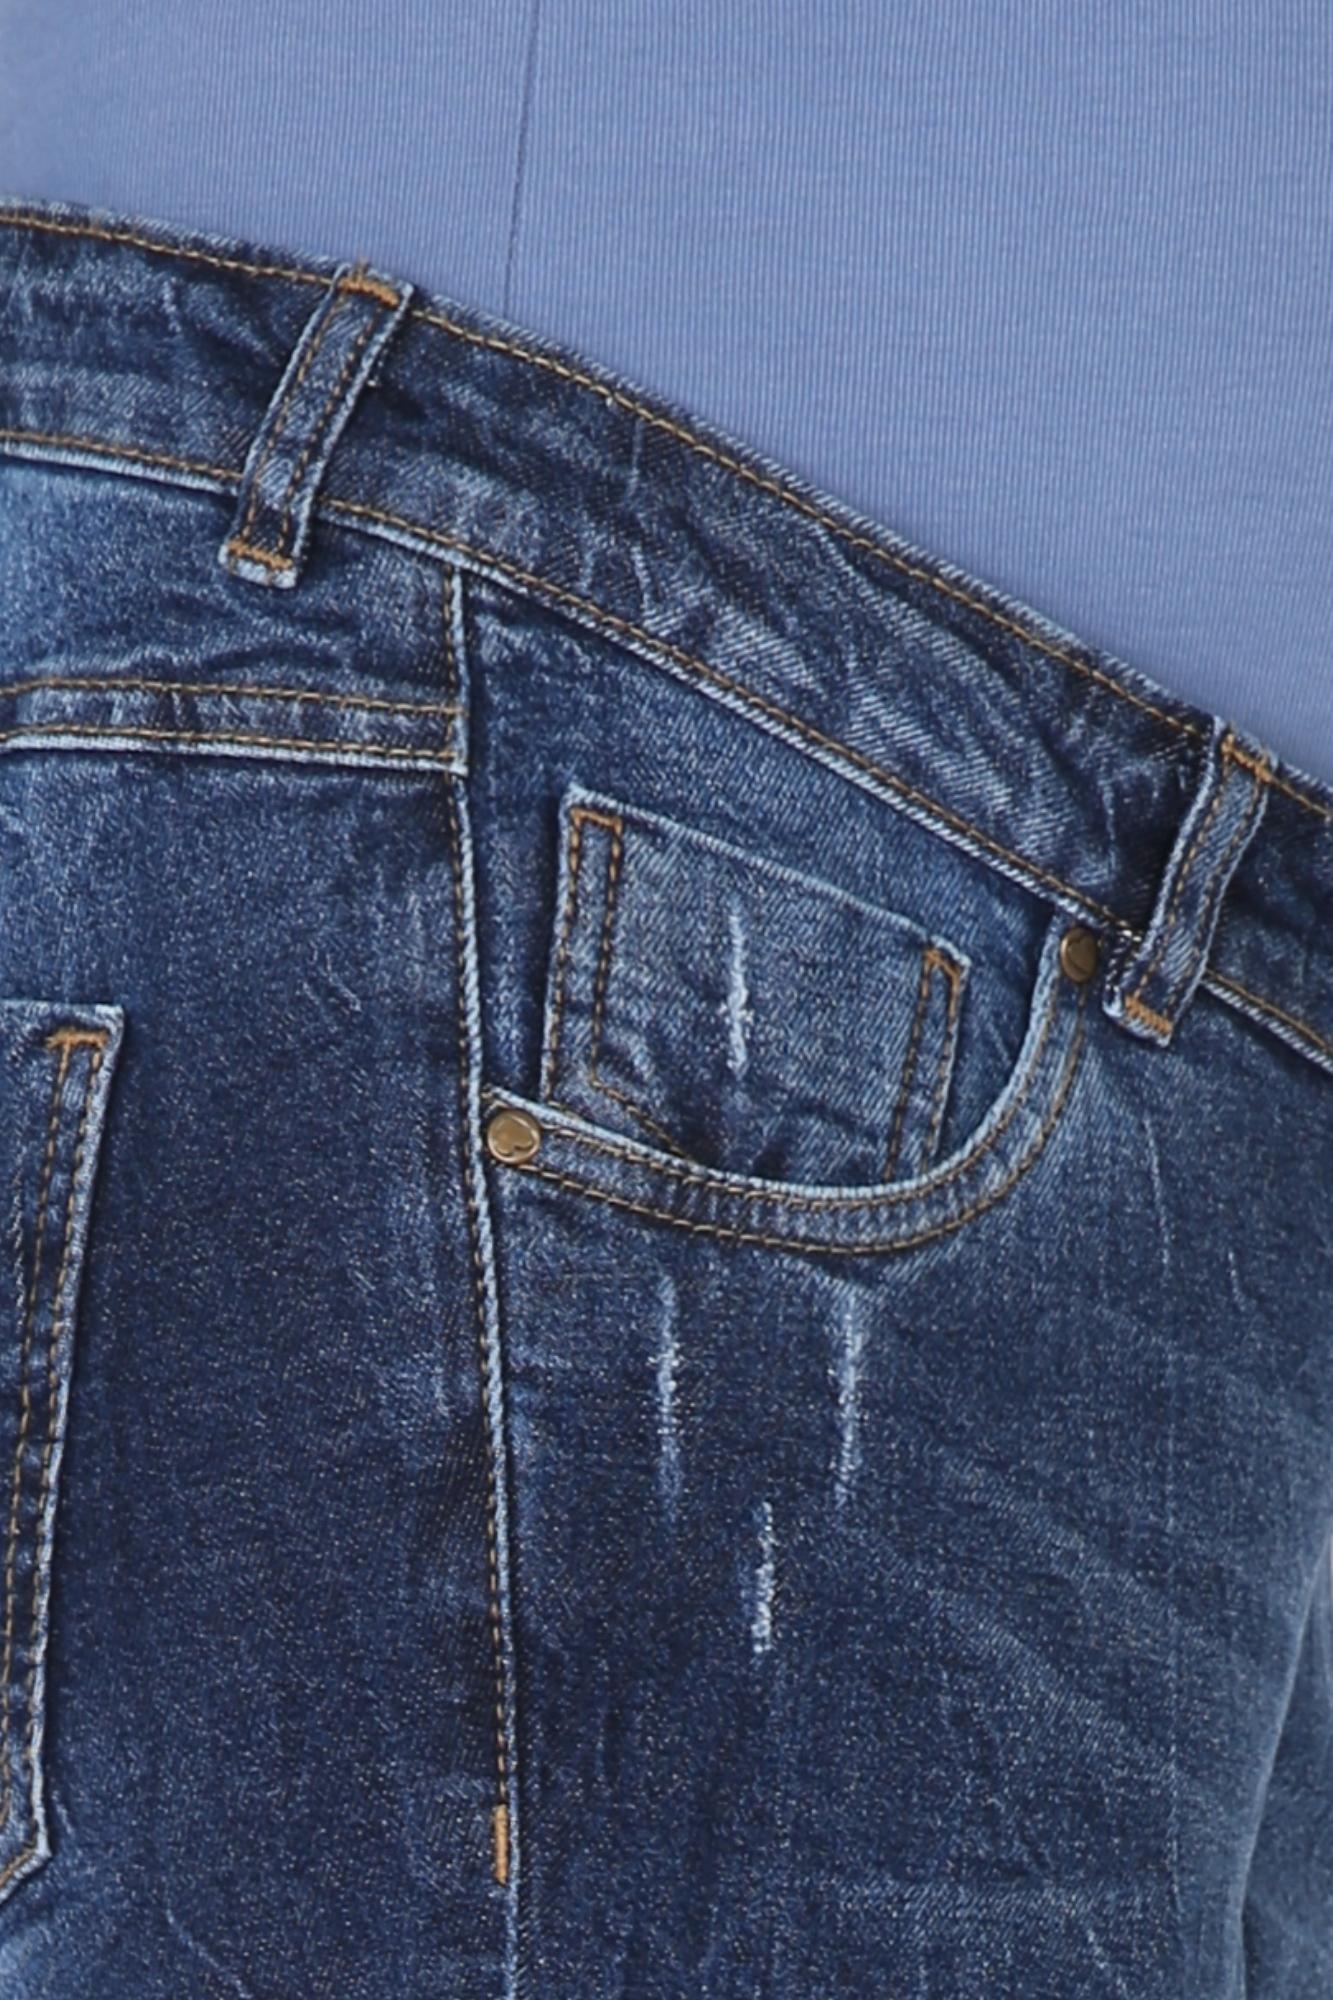 Фото джинсы для беременных MAMA`S FANTASY, regular, широкий бандаж, потертости от магазина СкороМама, синий, размеры.